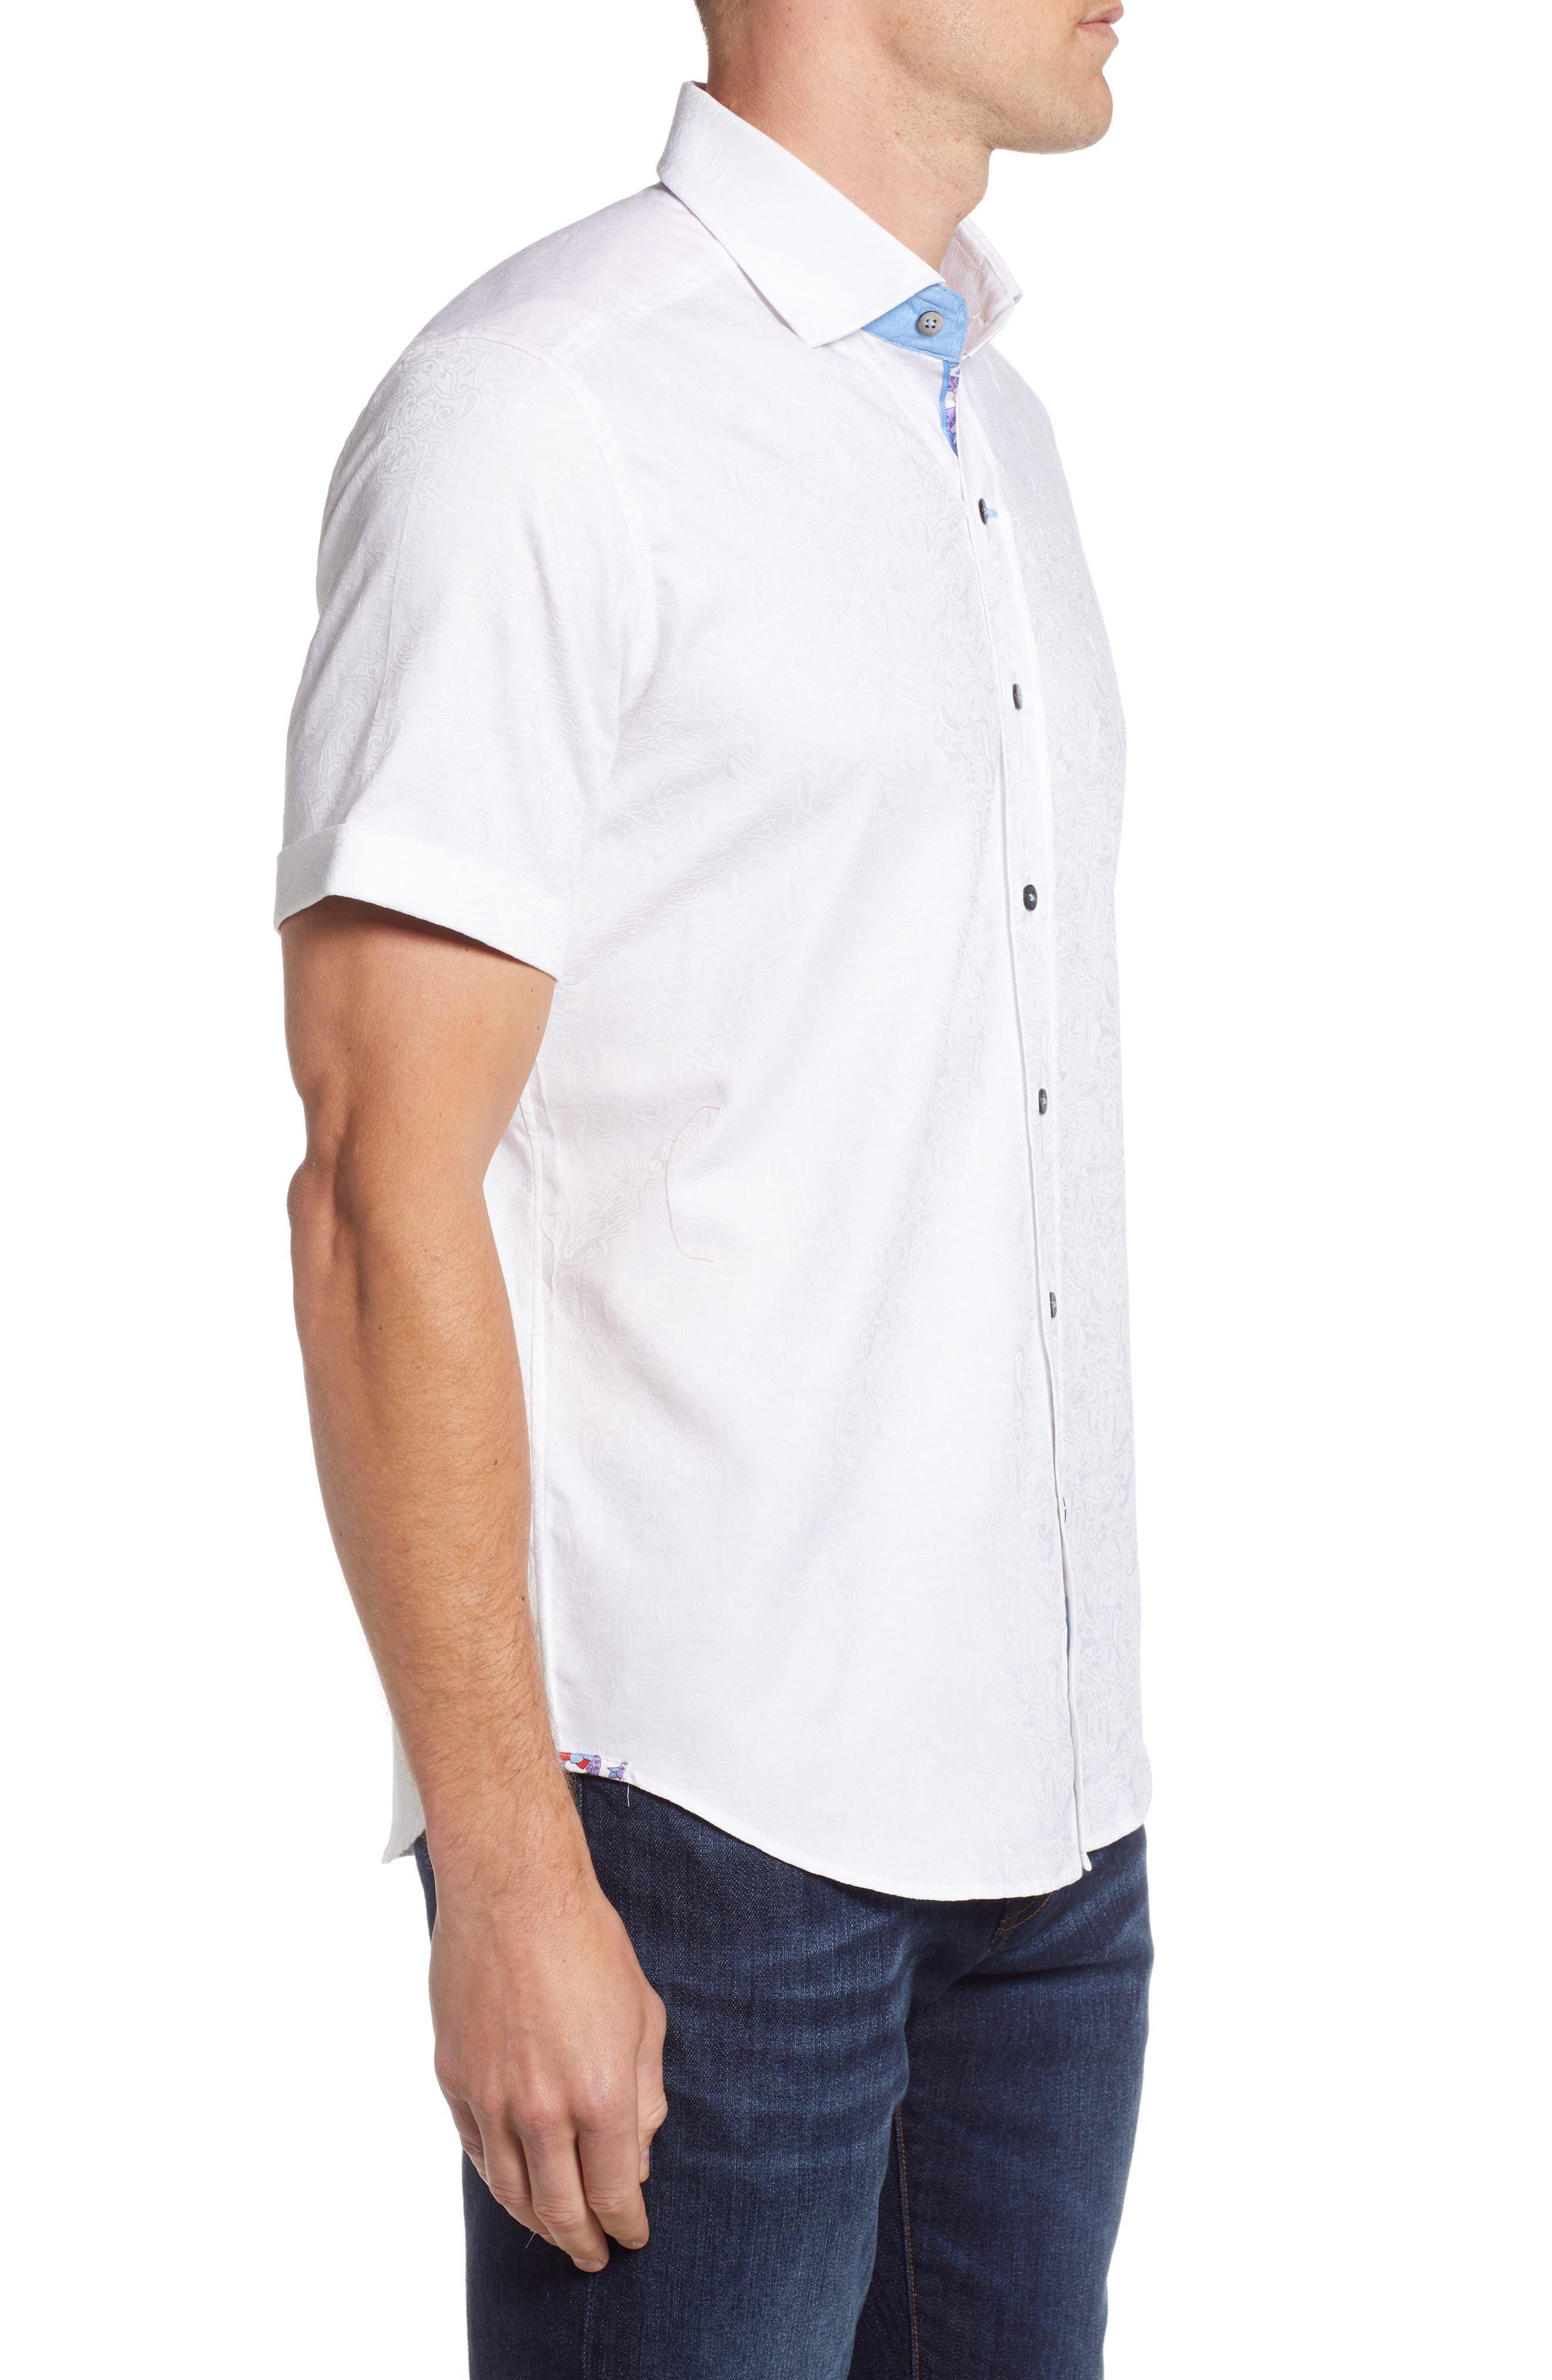 Abbott Sport Shirt,                             Alternate thumbnail 4, color,                             100